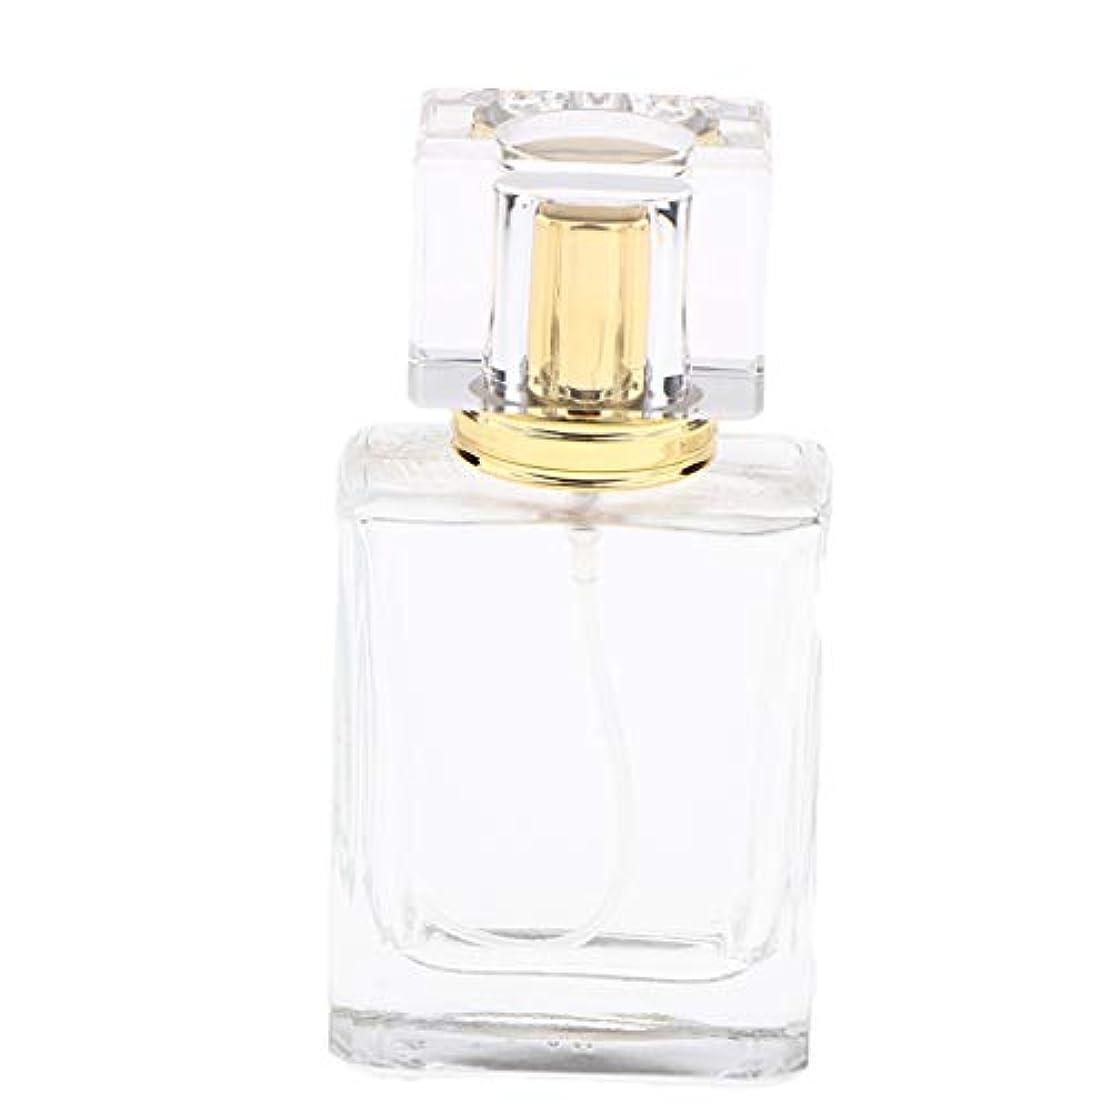 視聴者つなぐ壁香水瓶 ポンプ式 ボトル 50ml 香水スプレーボトル 化粧水 詰め替え式 アロマオイル瓶 全5種 - ゴールデンキャップ